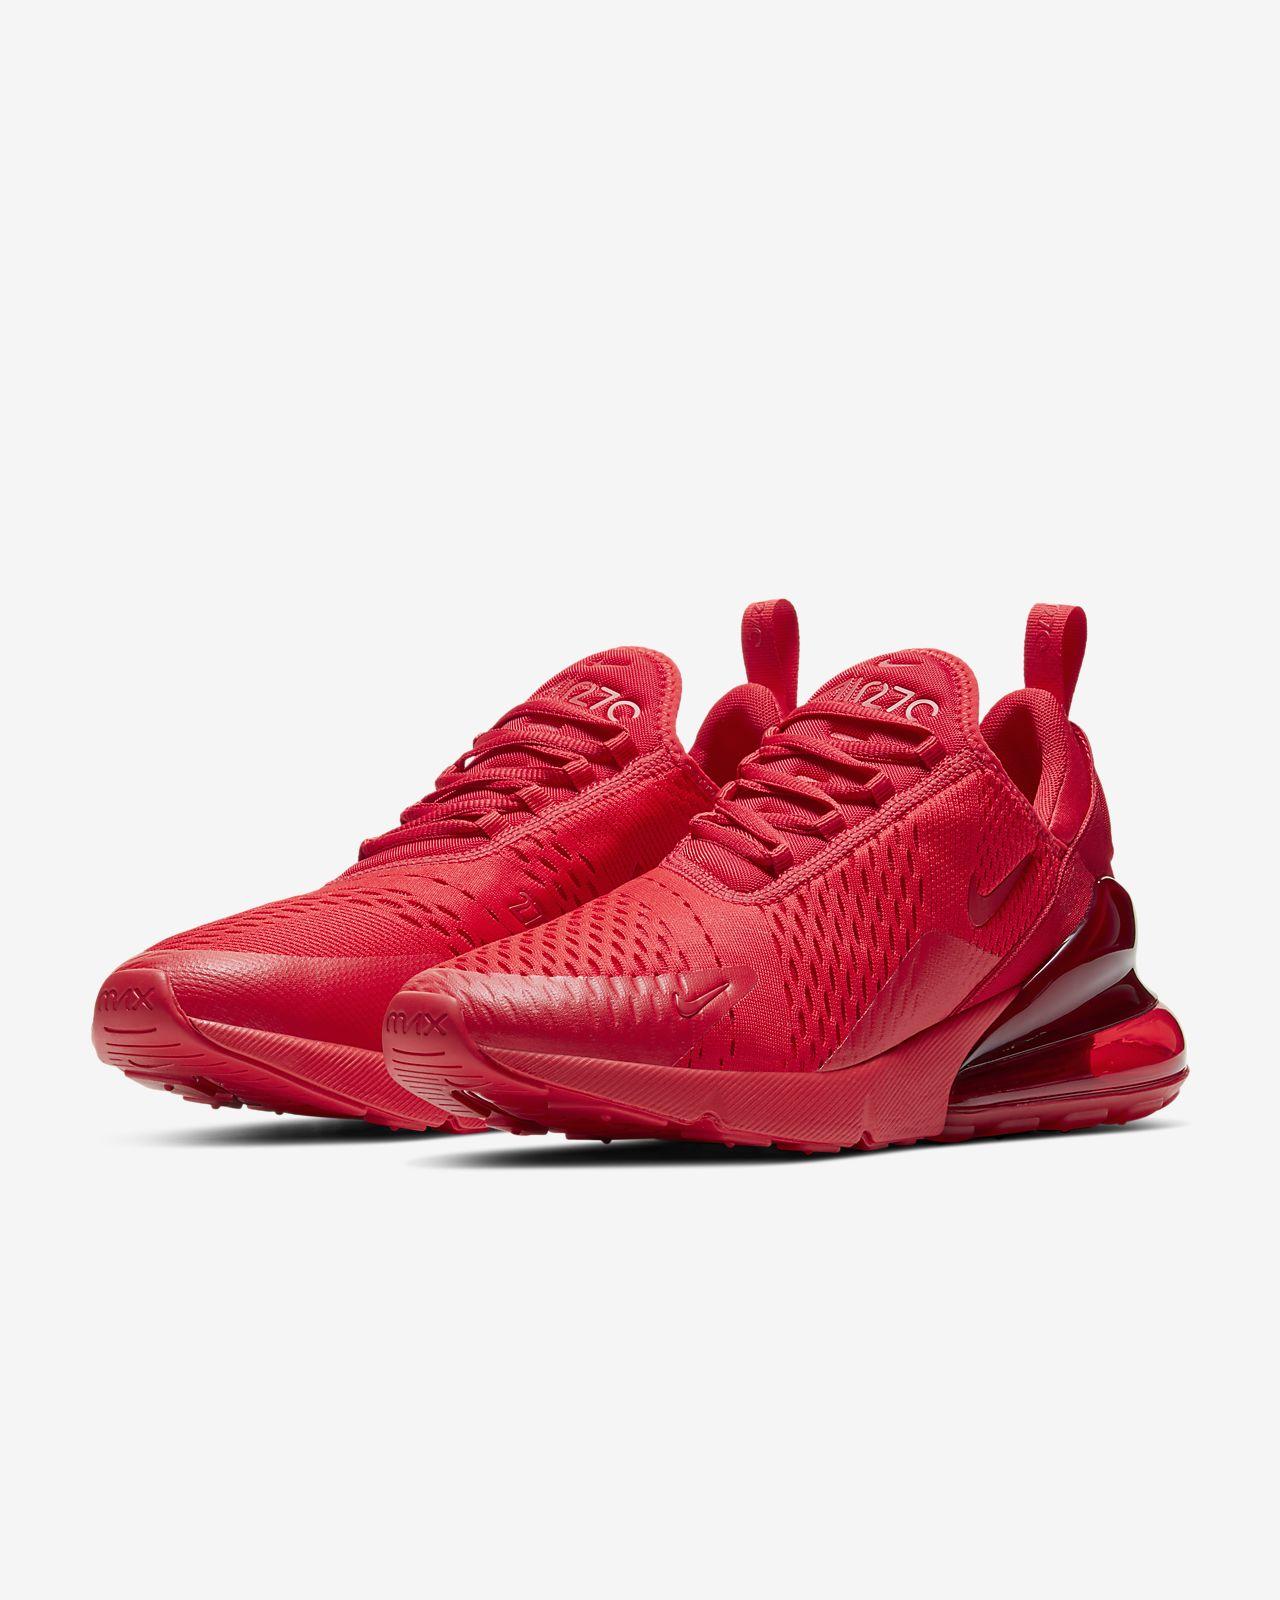 nike air max 270 mens running shoes